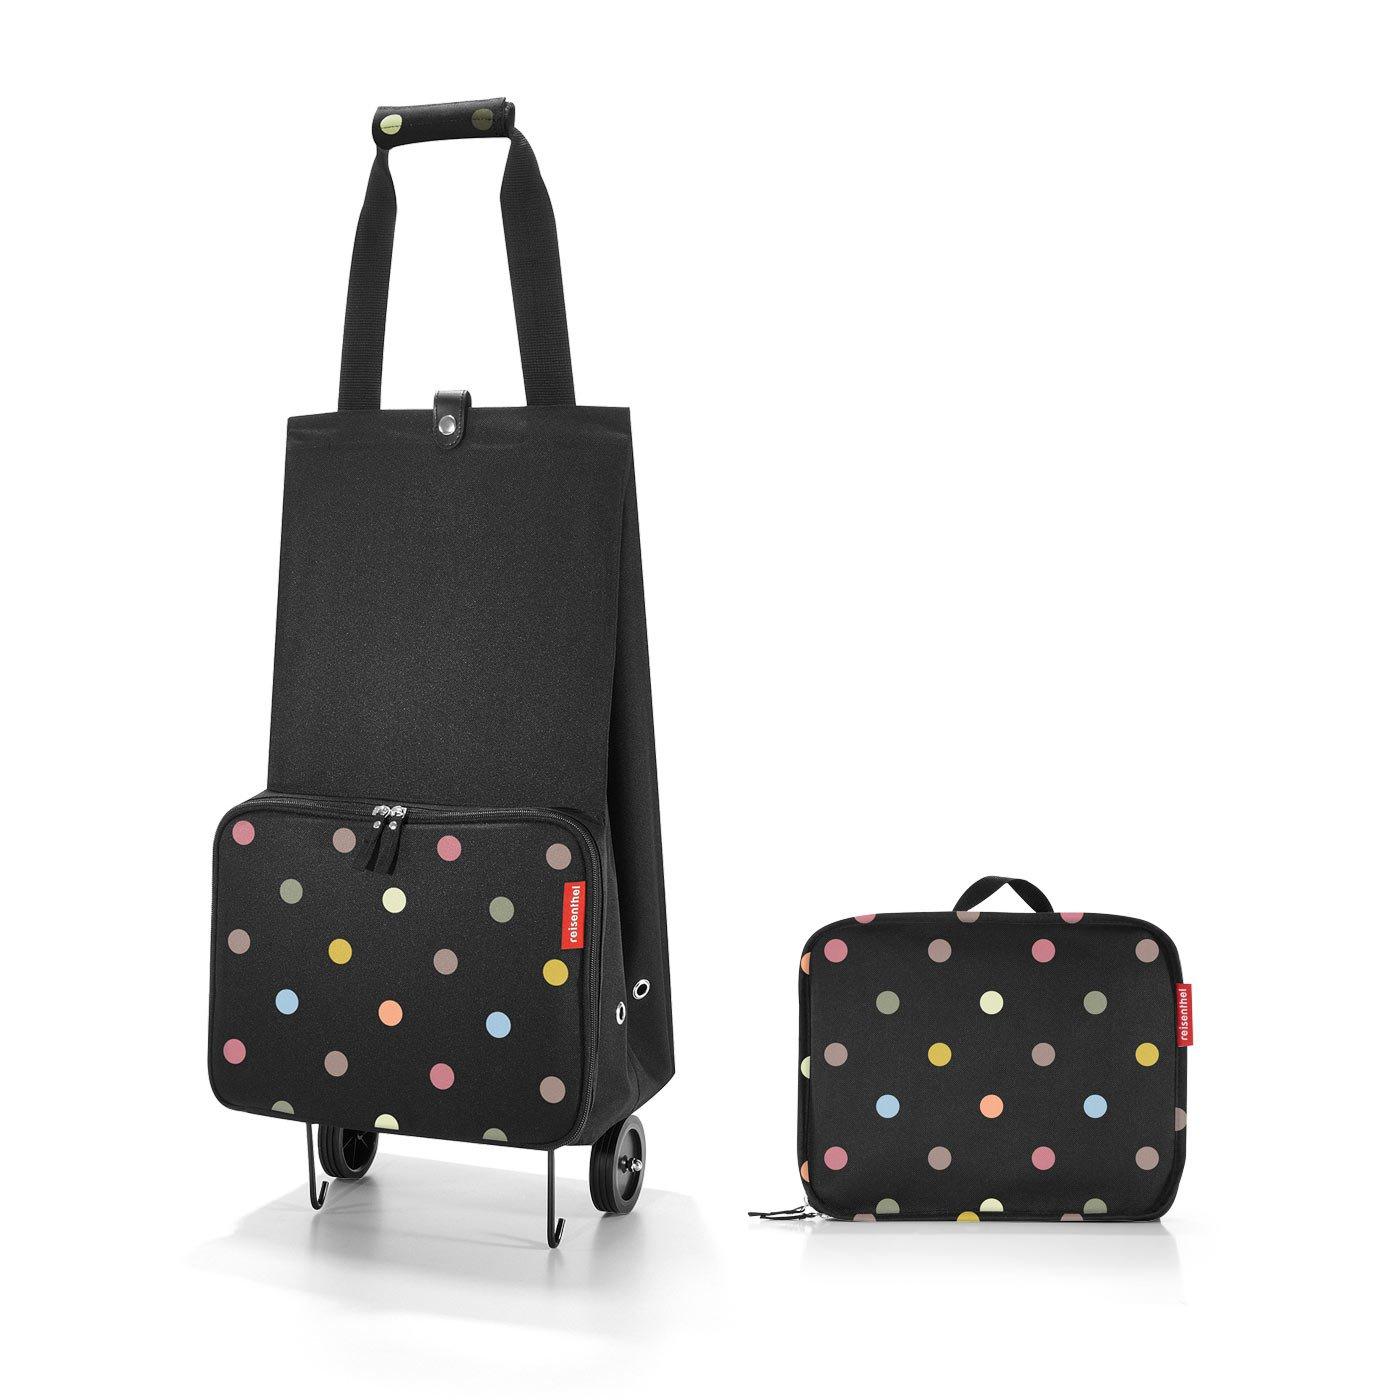 1f730895d7f Reisenthel Skládací nákupní taška na kolečkách foldabletrolley dots HK7009